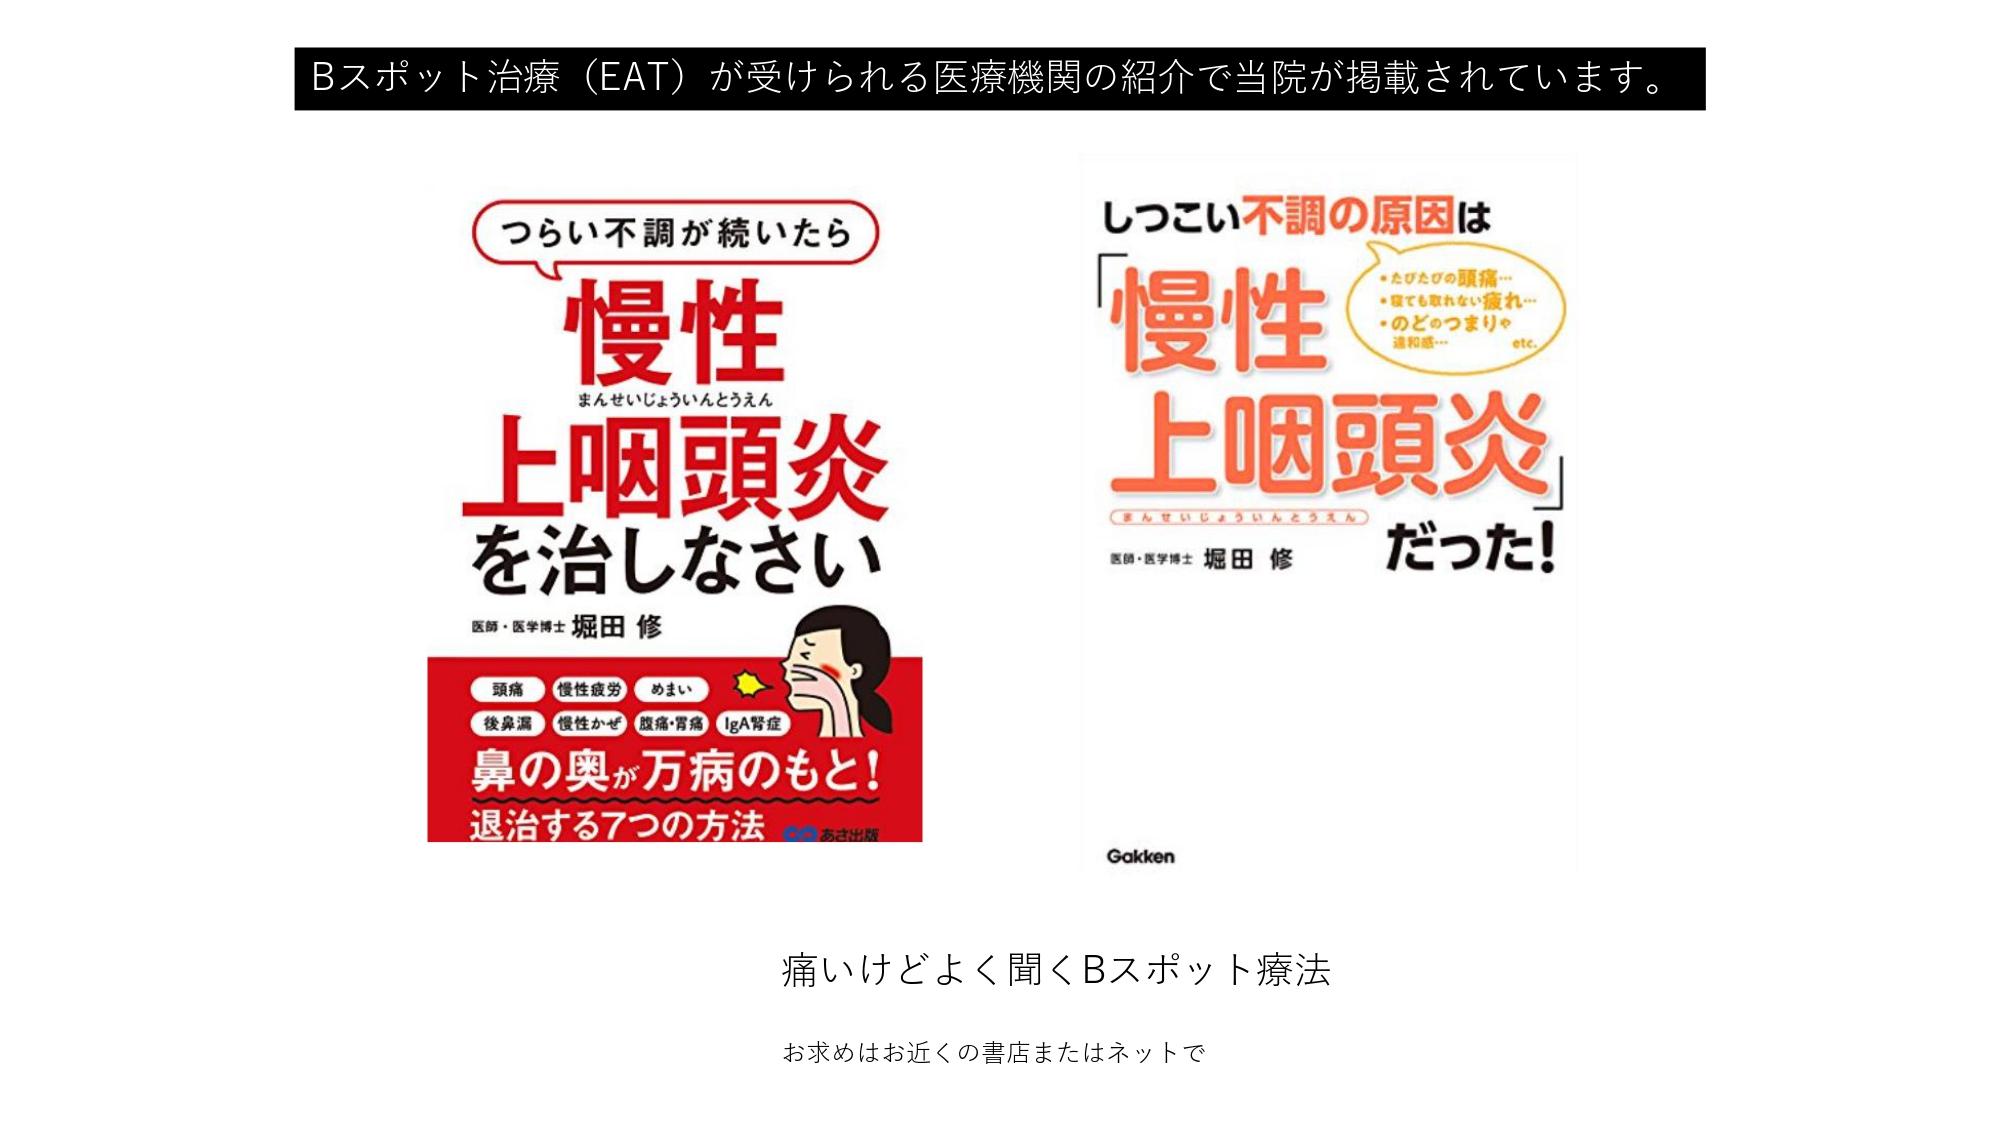 書籍紹介 Bスポット